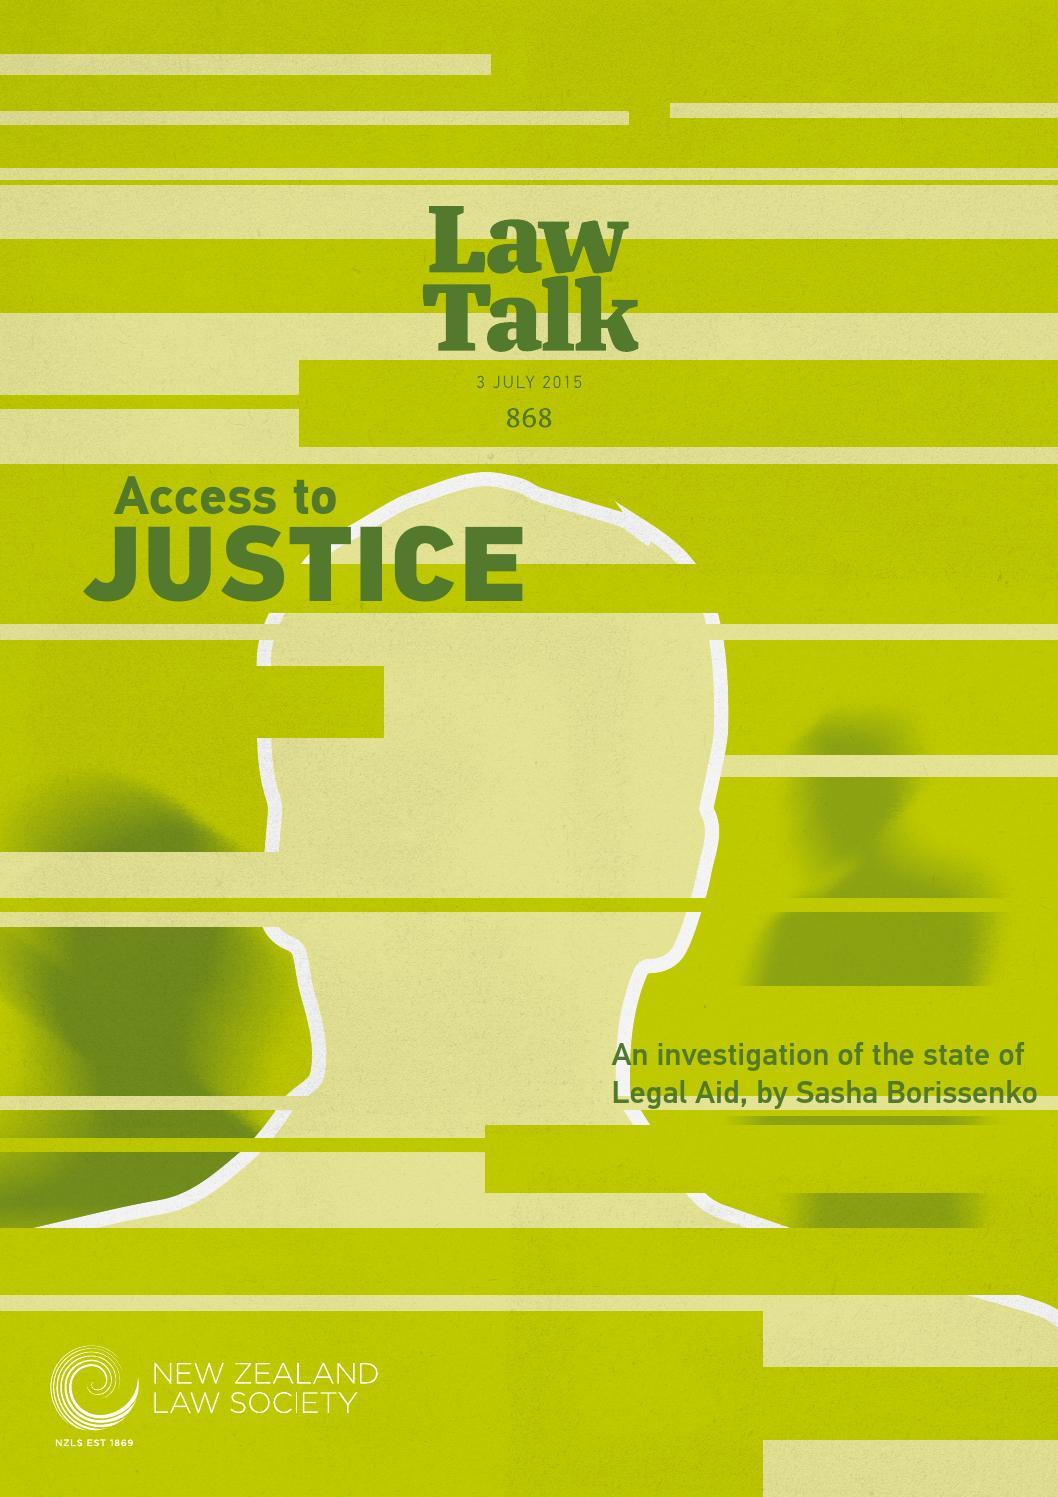 Lawtalk 868 by nz law society issuu solutioingenieria Gallery